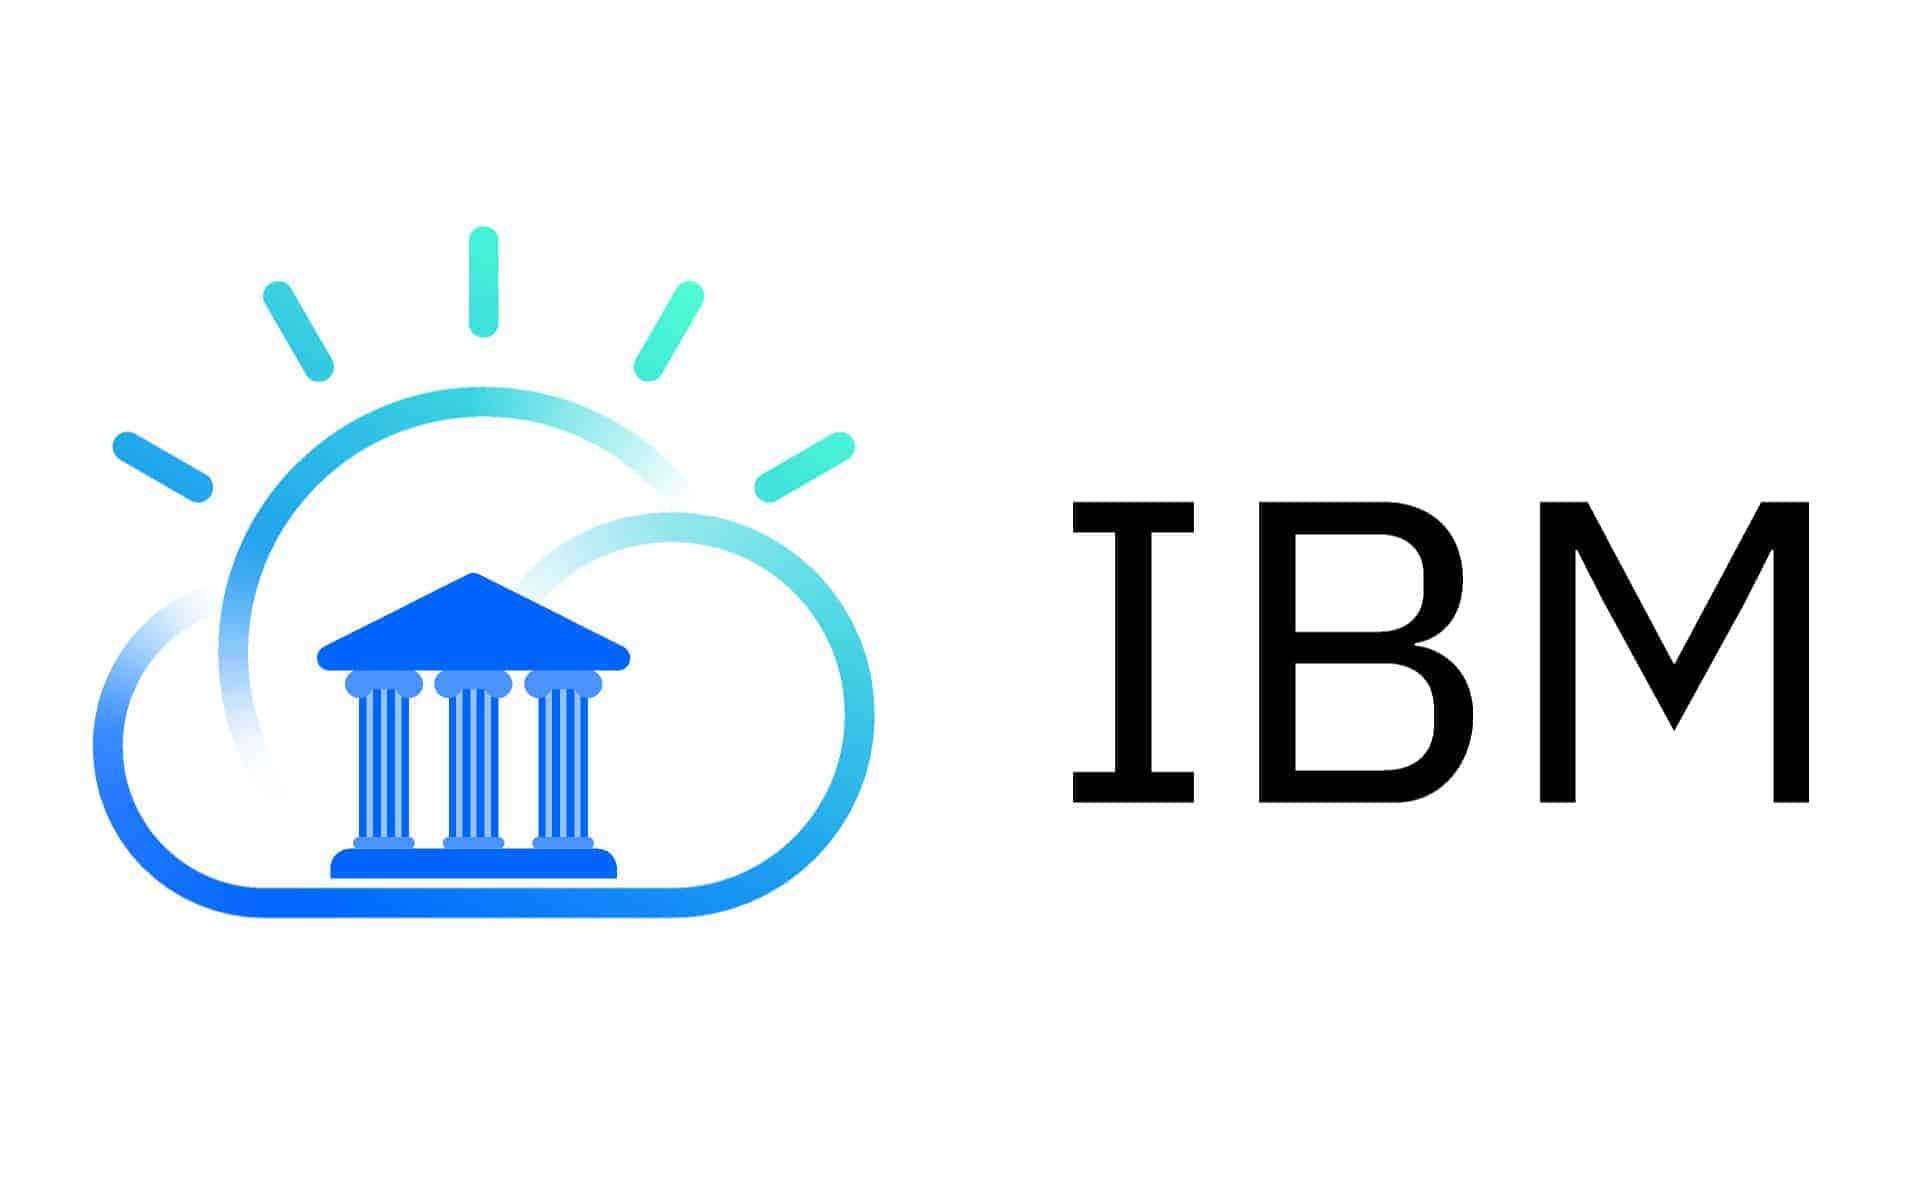 IBM öffnet seine Financial-Cloud für weitere Kunden und baut seine Services aus. <Q>IBM